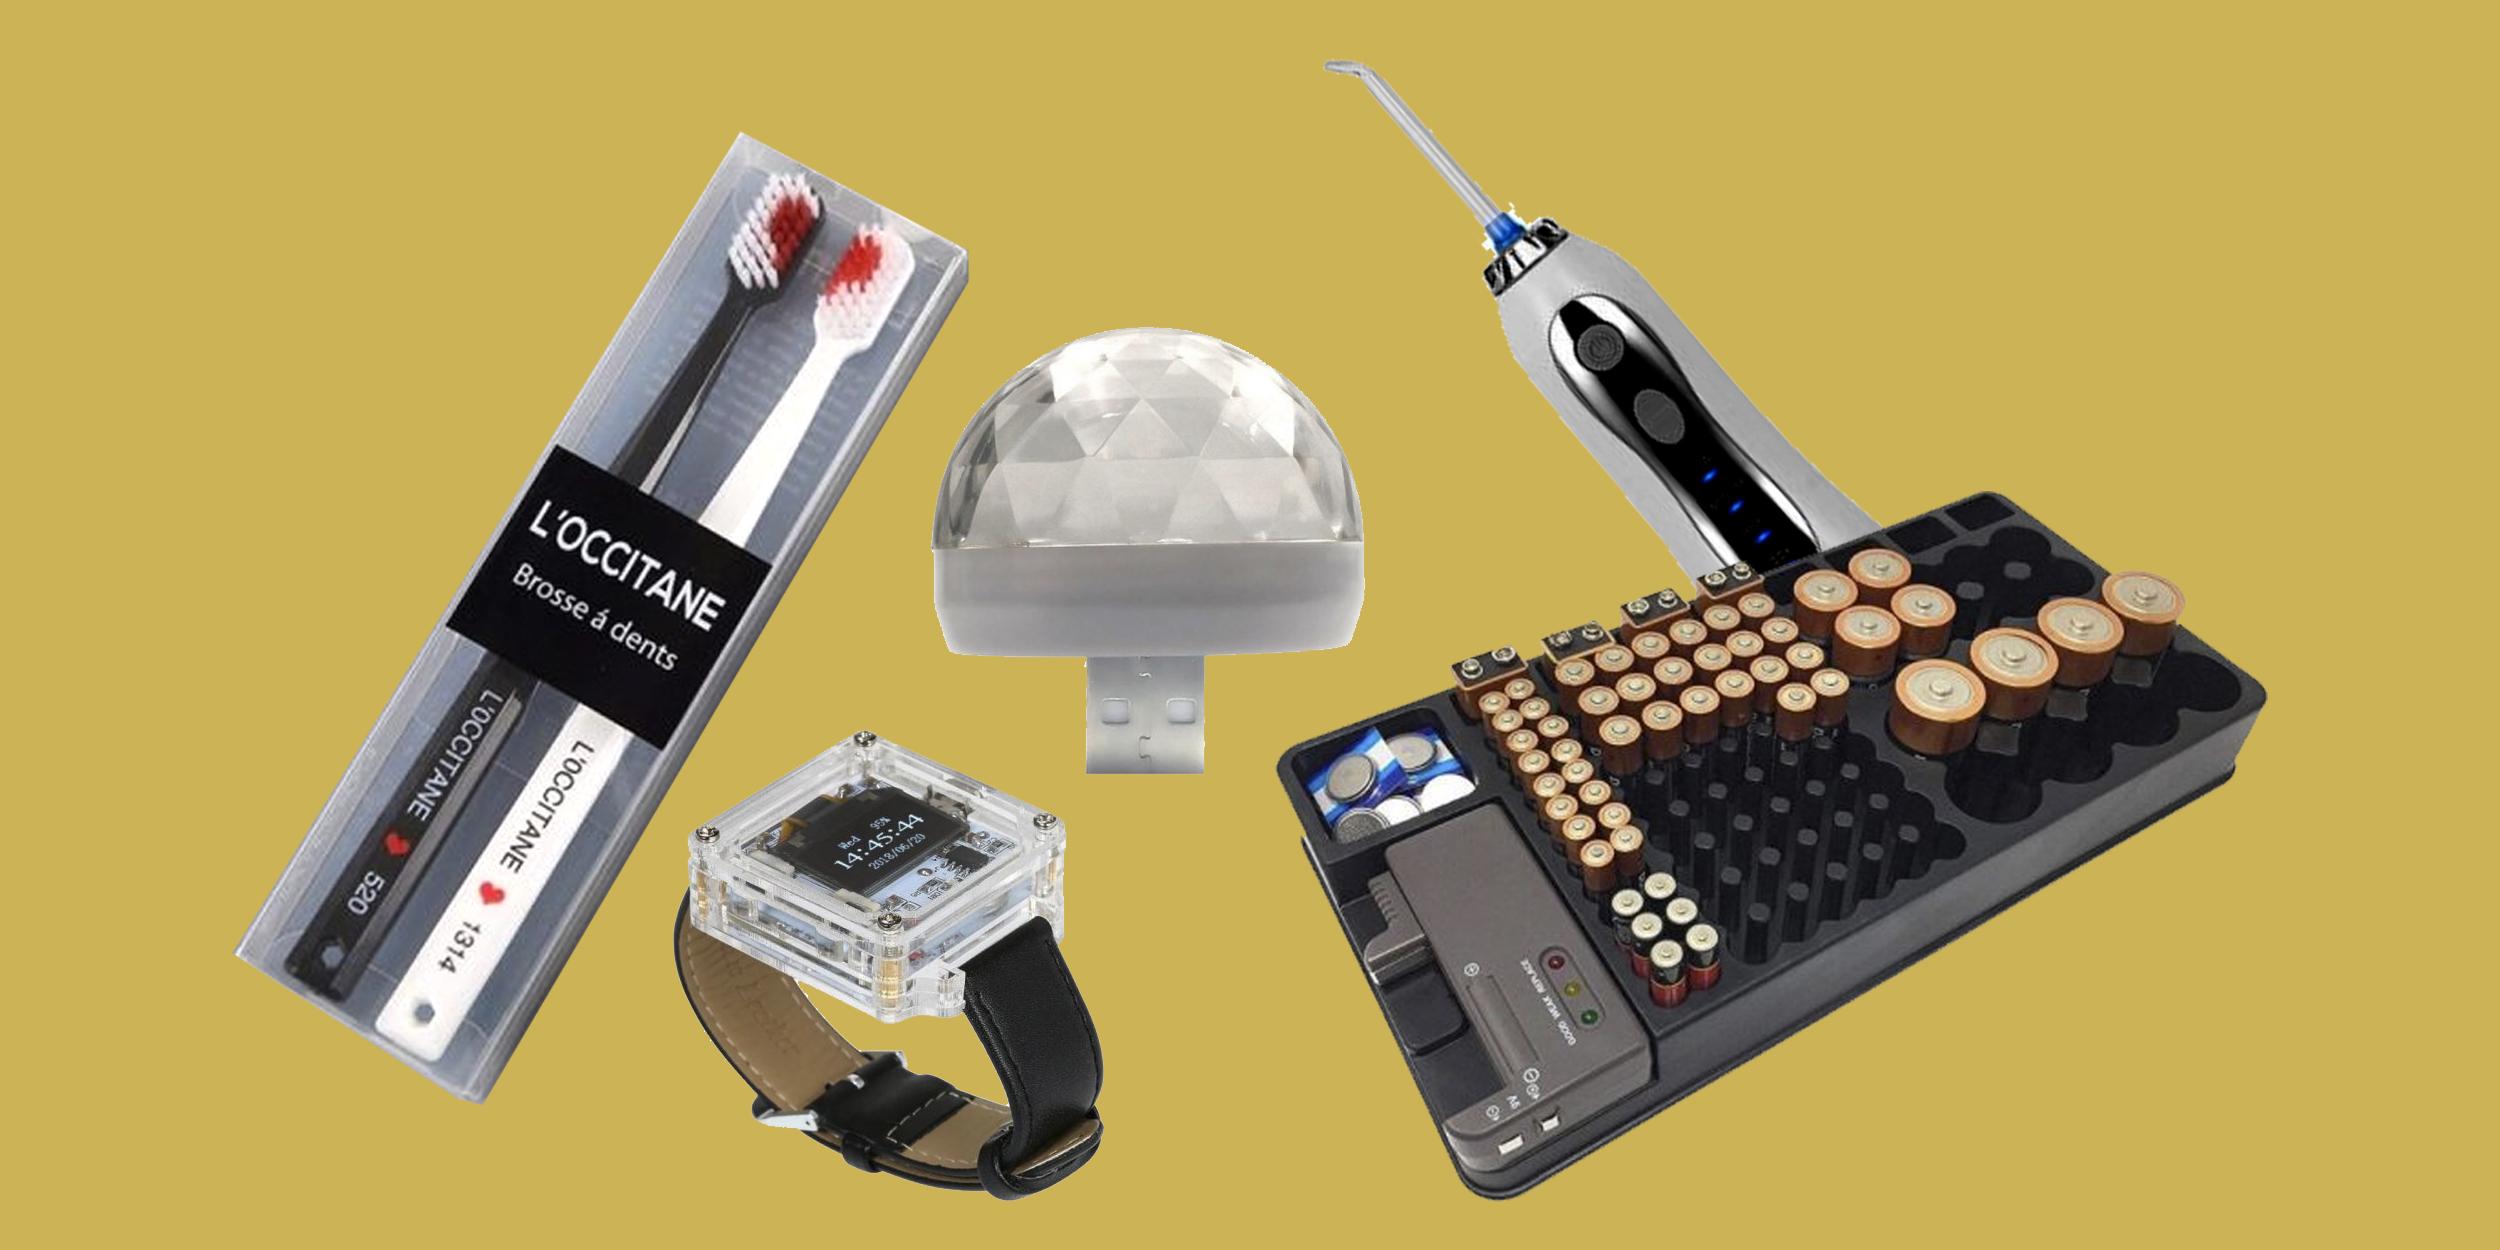 Находки AliExpress: парные зубные щётки, интерактивный робот, амортизирующие стельки